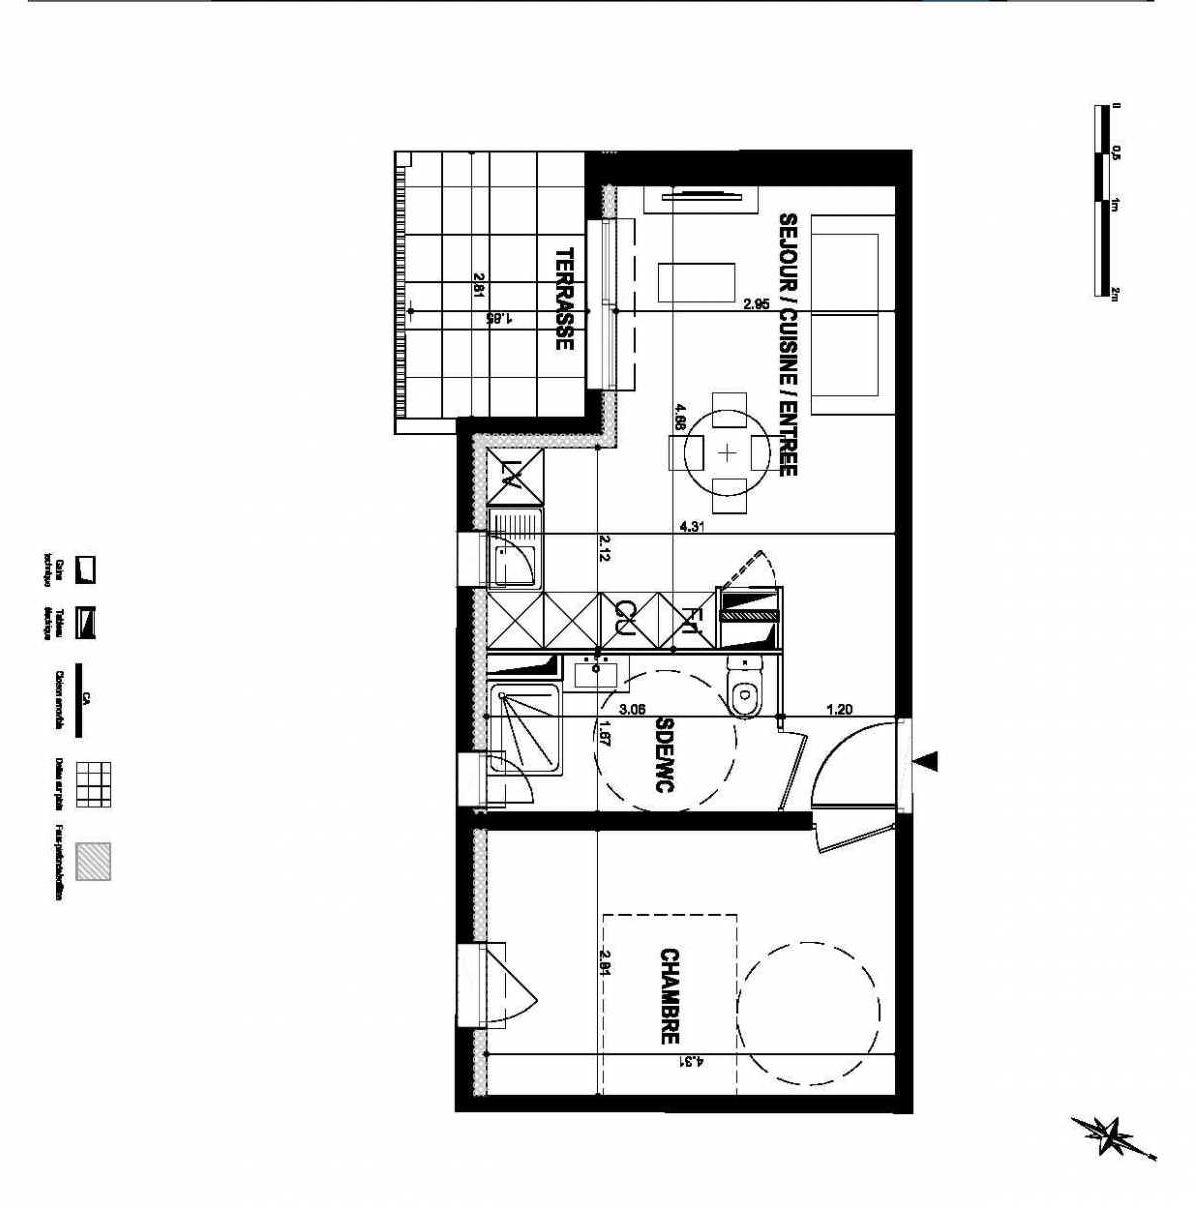 Plan Lot 107, appartement neuf type T2 au 1er étage, orienté Sud faisant 35m² du programme neuf LE CLEM à Mauguio.